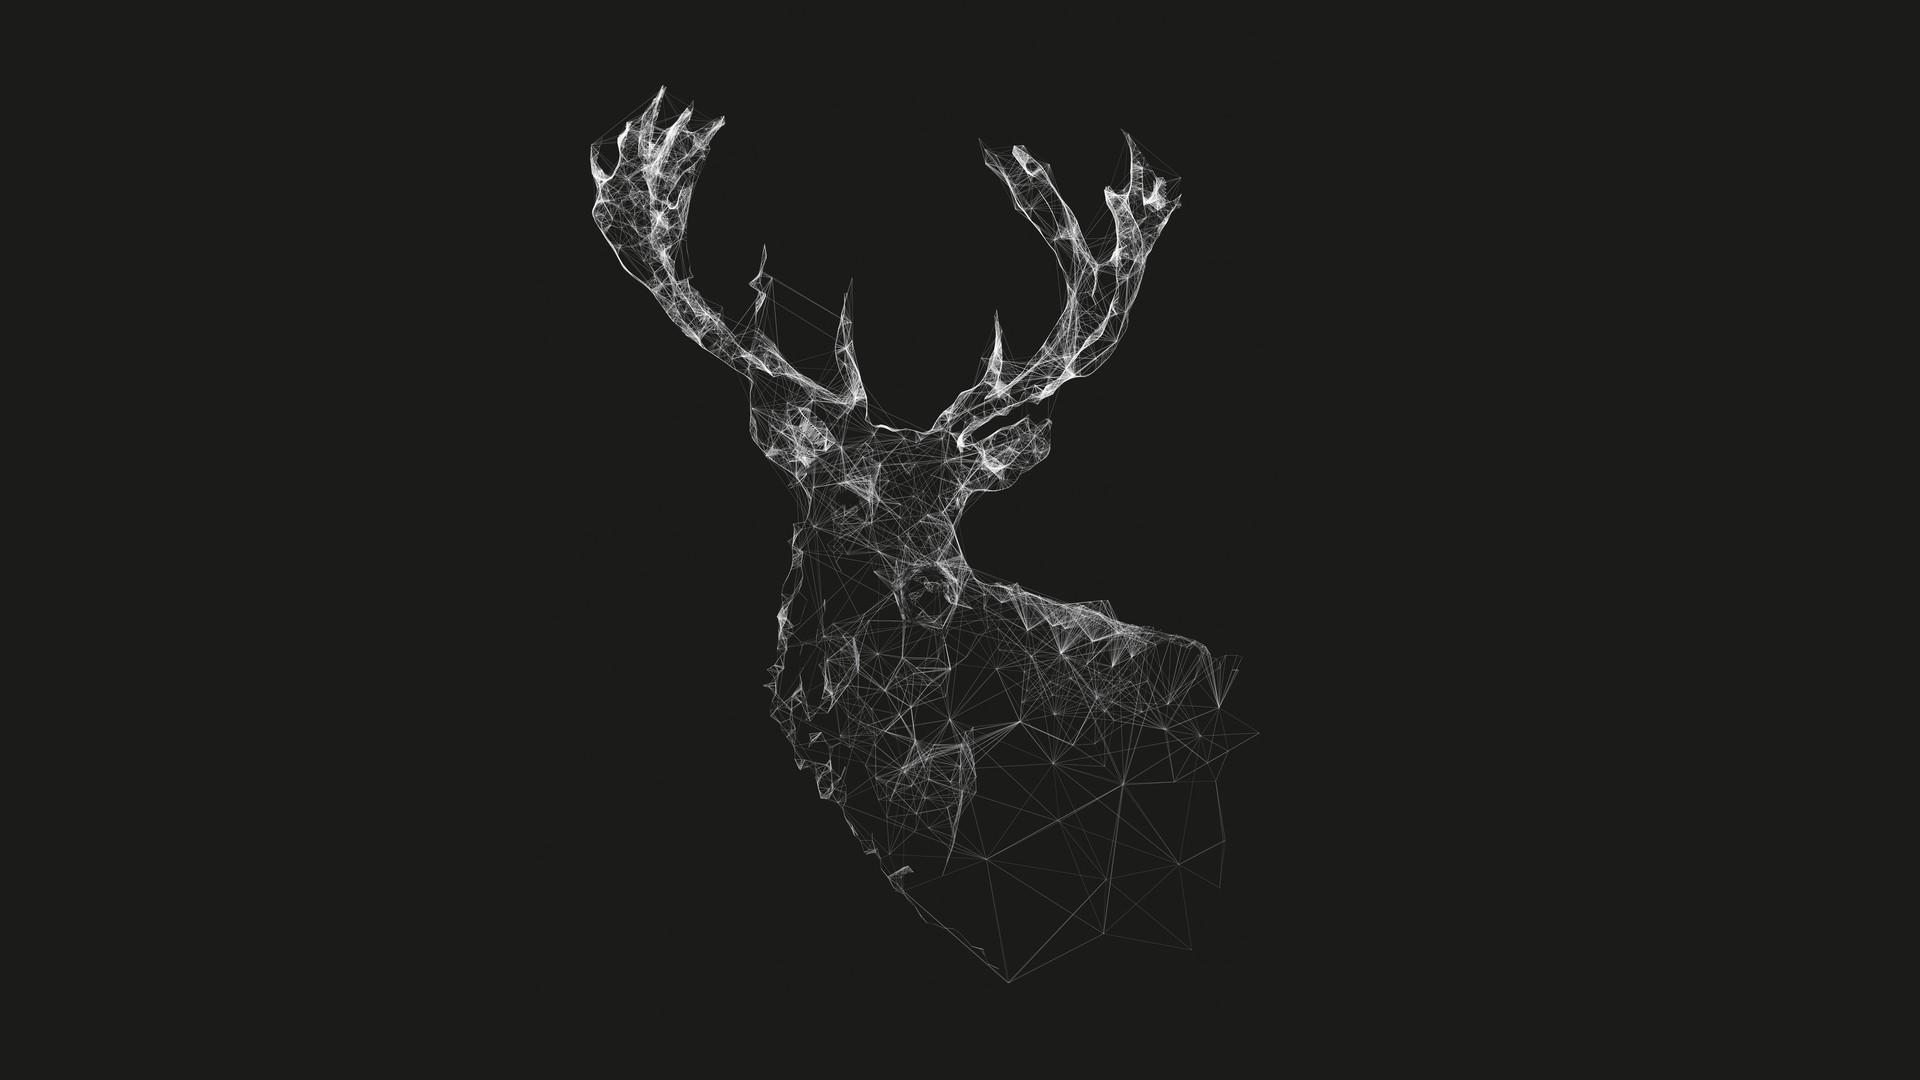 General 1920x1080 deer lines minimalism wireframe